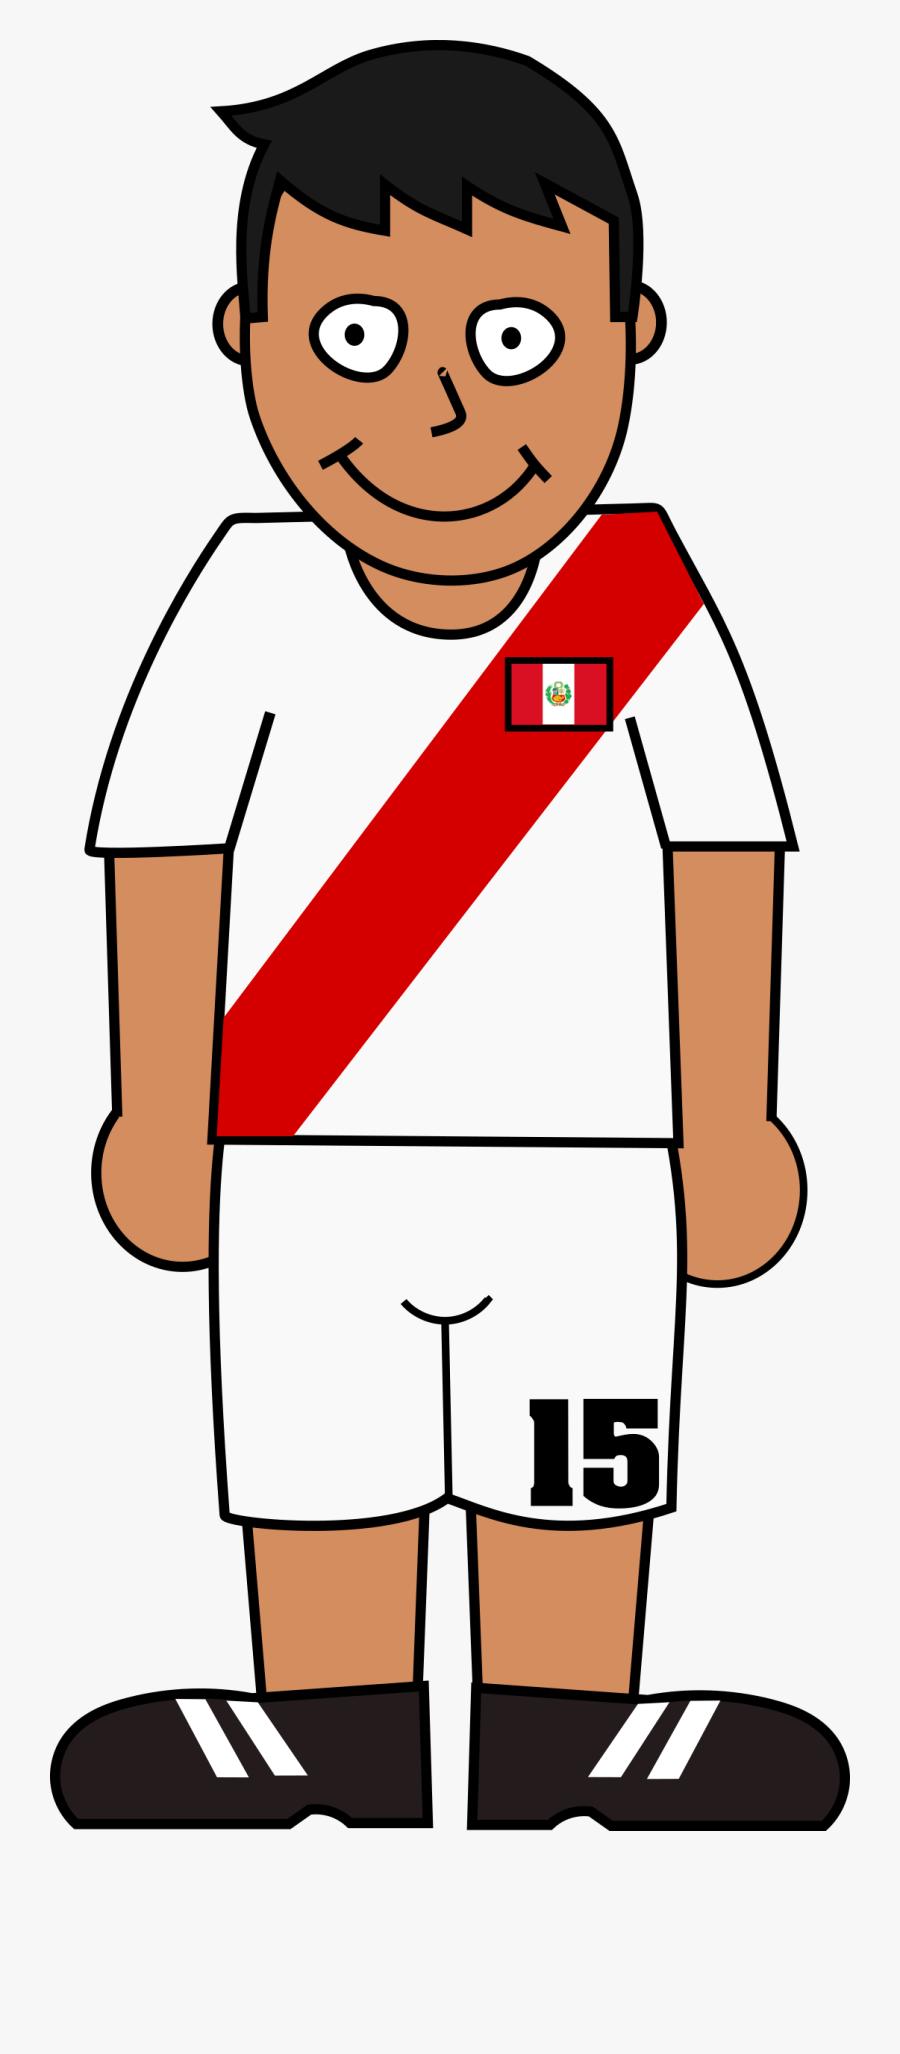 Football Player Peru Transparent - World Cup Soccer Player Clipart Png, Transparent Clipart